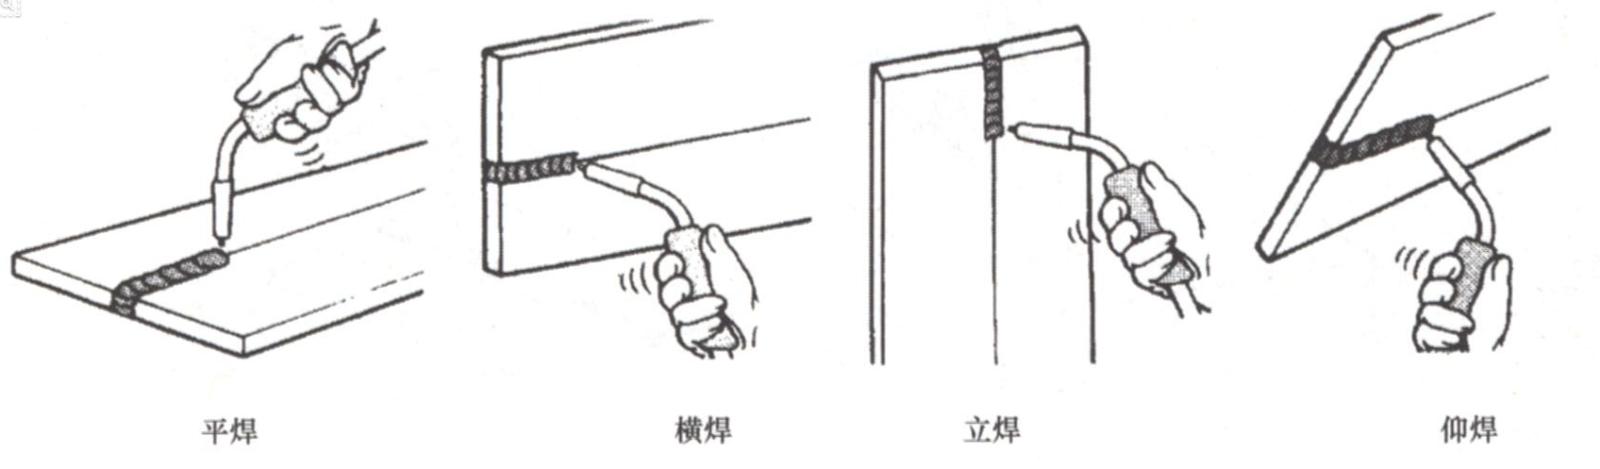 """不锈钢焊丝为了减缓焊件焊后的冷却速度,防止产生冷裂纹。为了消除焊接残余应力和改善焊接接头的组织和性能。保证焊接质量依靠五大控制环节:人、机、料、法、环。人—焊工的操作技能和经验机—焊接设备的高性能和稳定性料—焊接材料的高质量法—正确的焊接工艺规程及标准化作业环—良好的焊接作业环境焊前依据焊接试验和焊接工艺评定,制订的焊接工艺规程是""""法规"""",是保证焊接质量的重要因素。"""